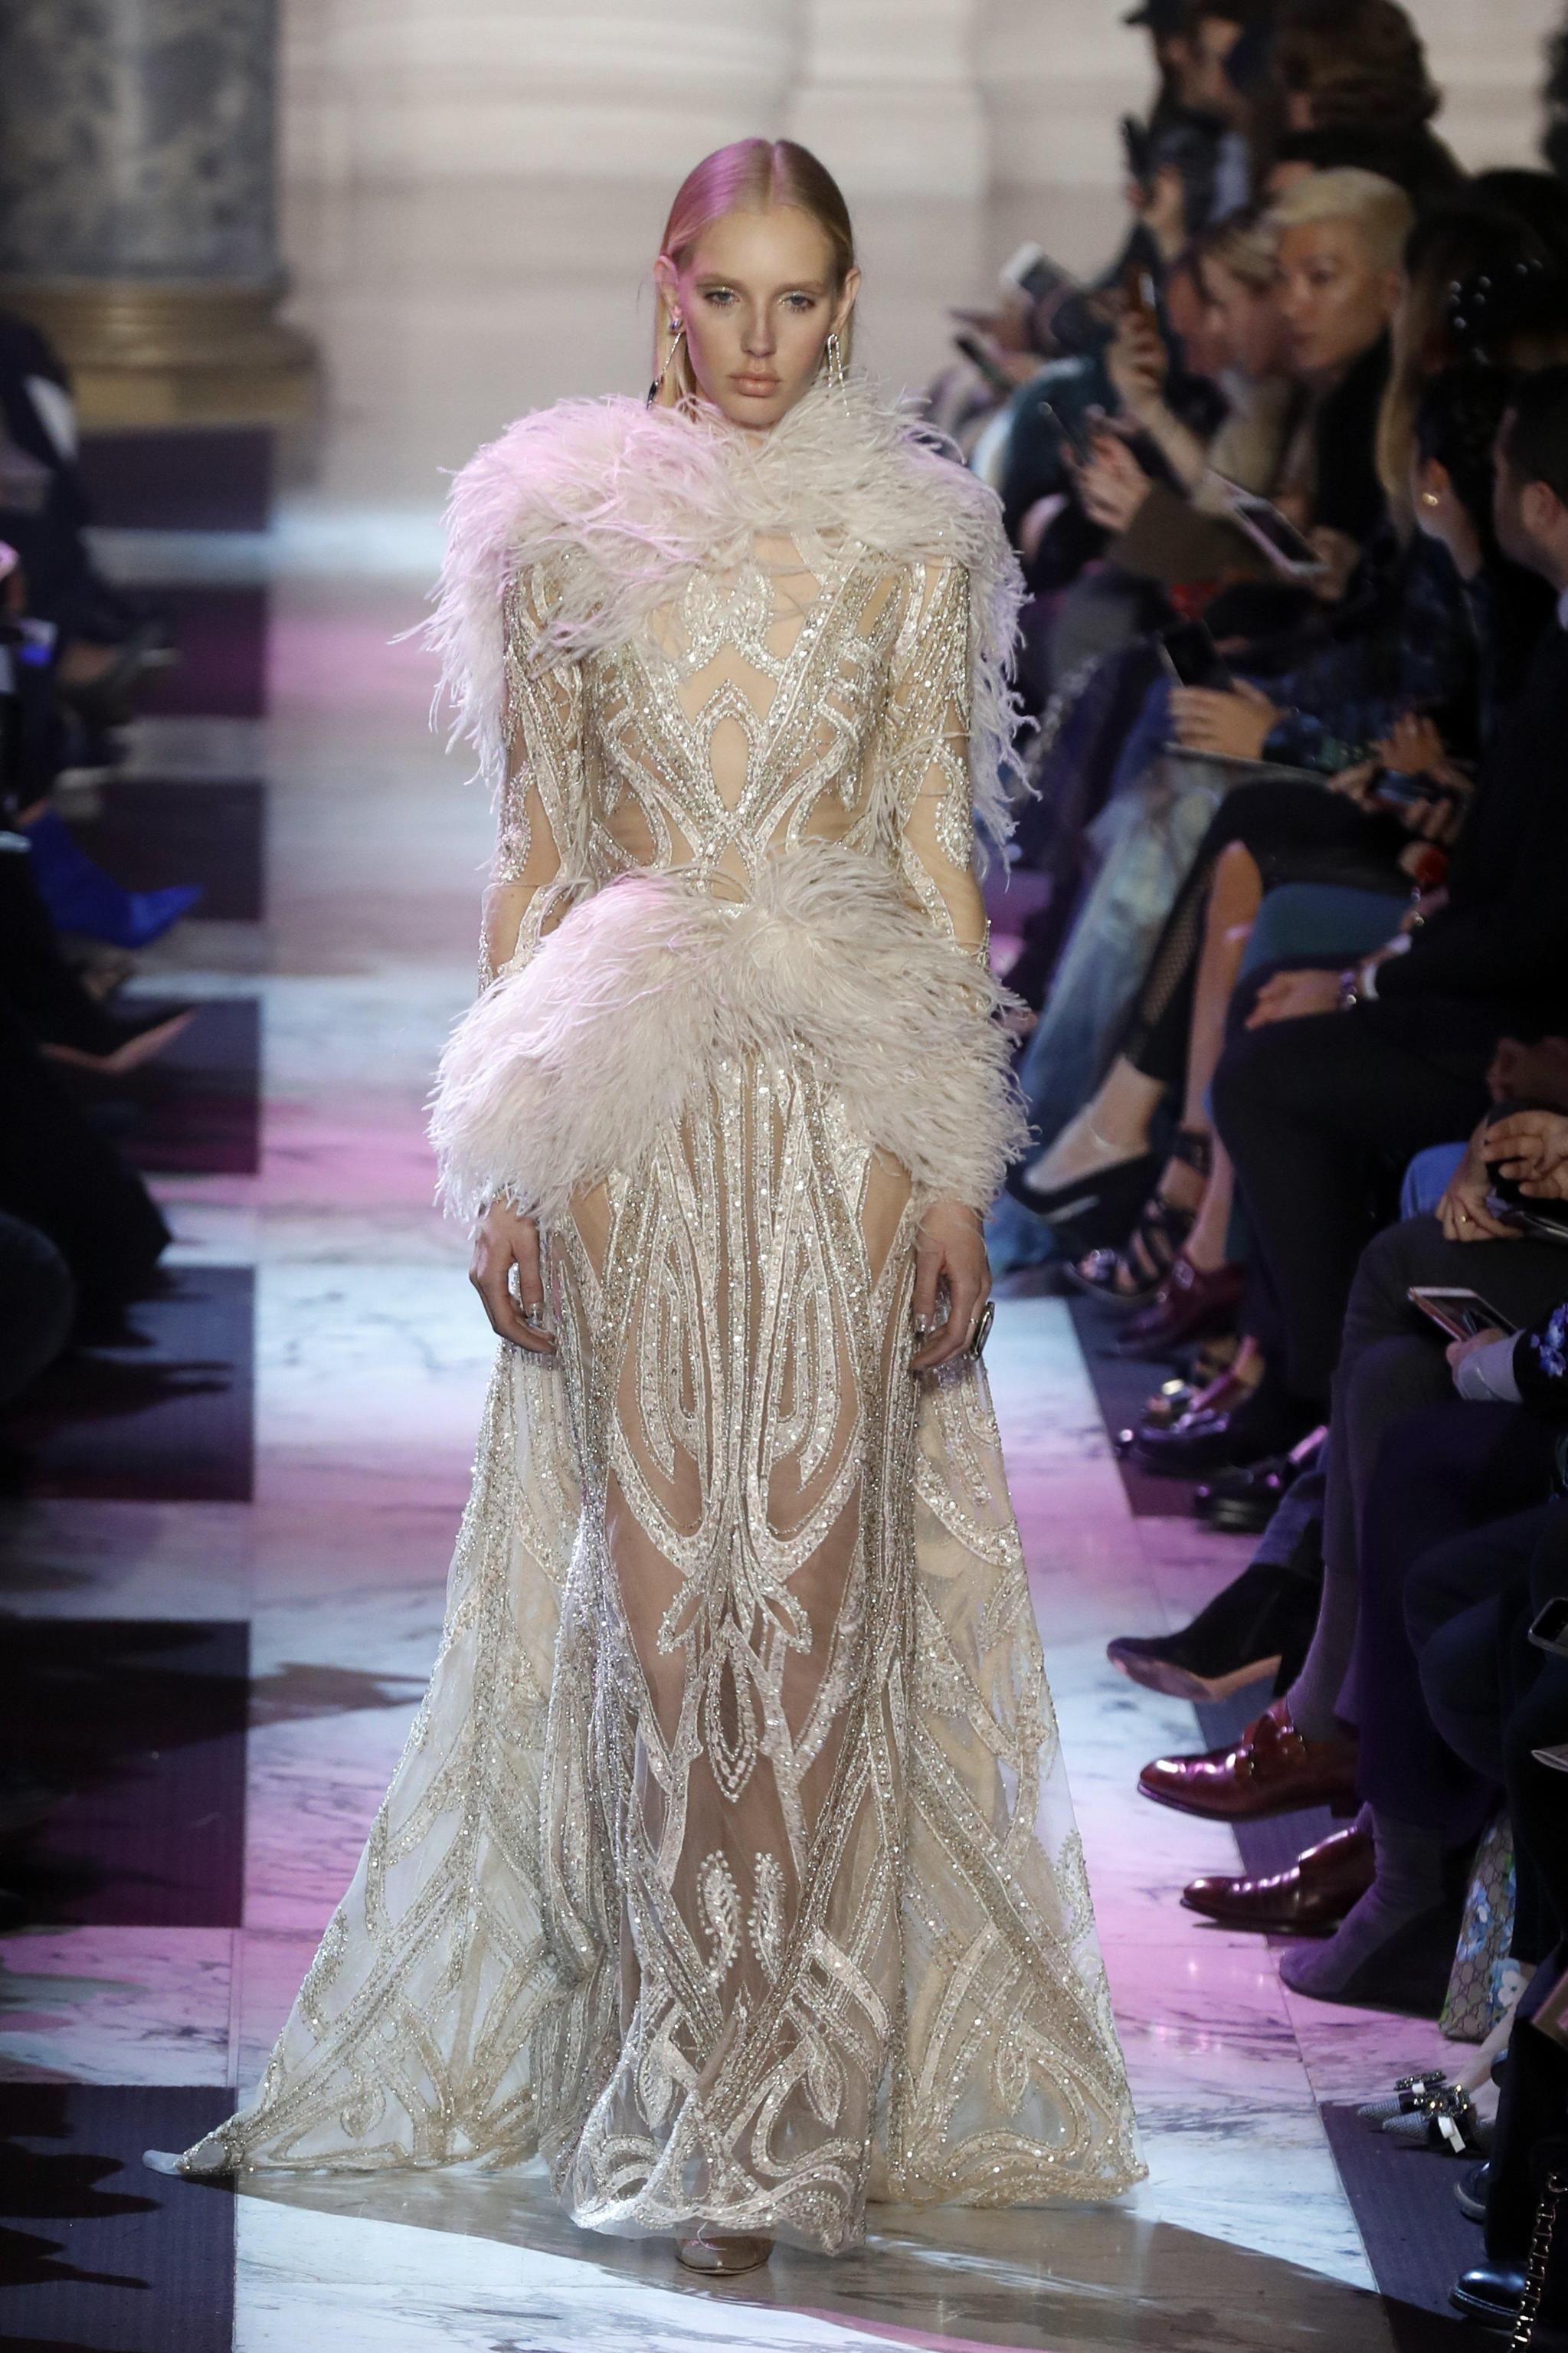 Abito da sposa con trasparenze Elie Saab haute couture primavera estate 2018